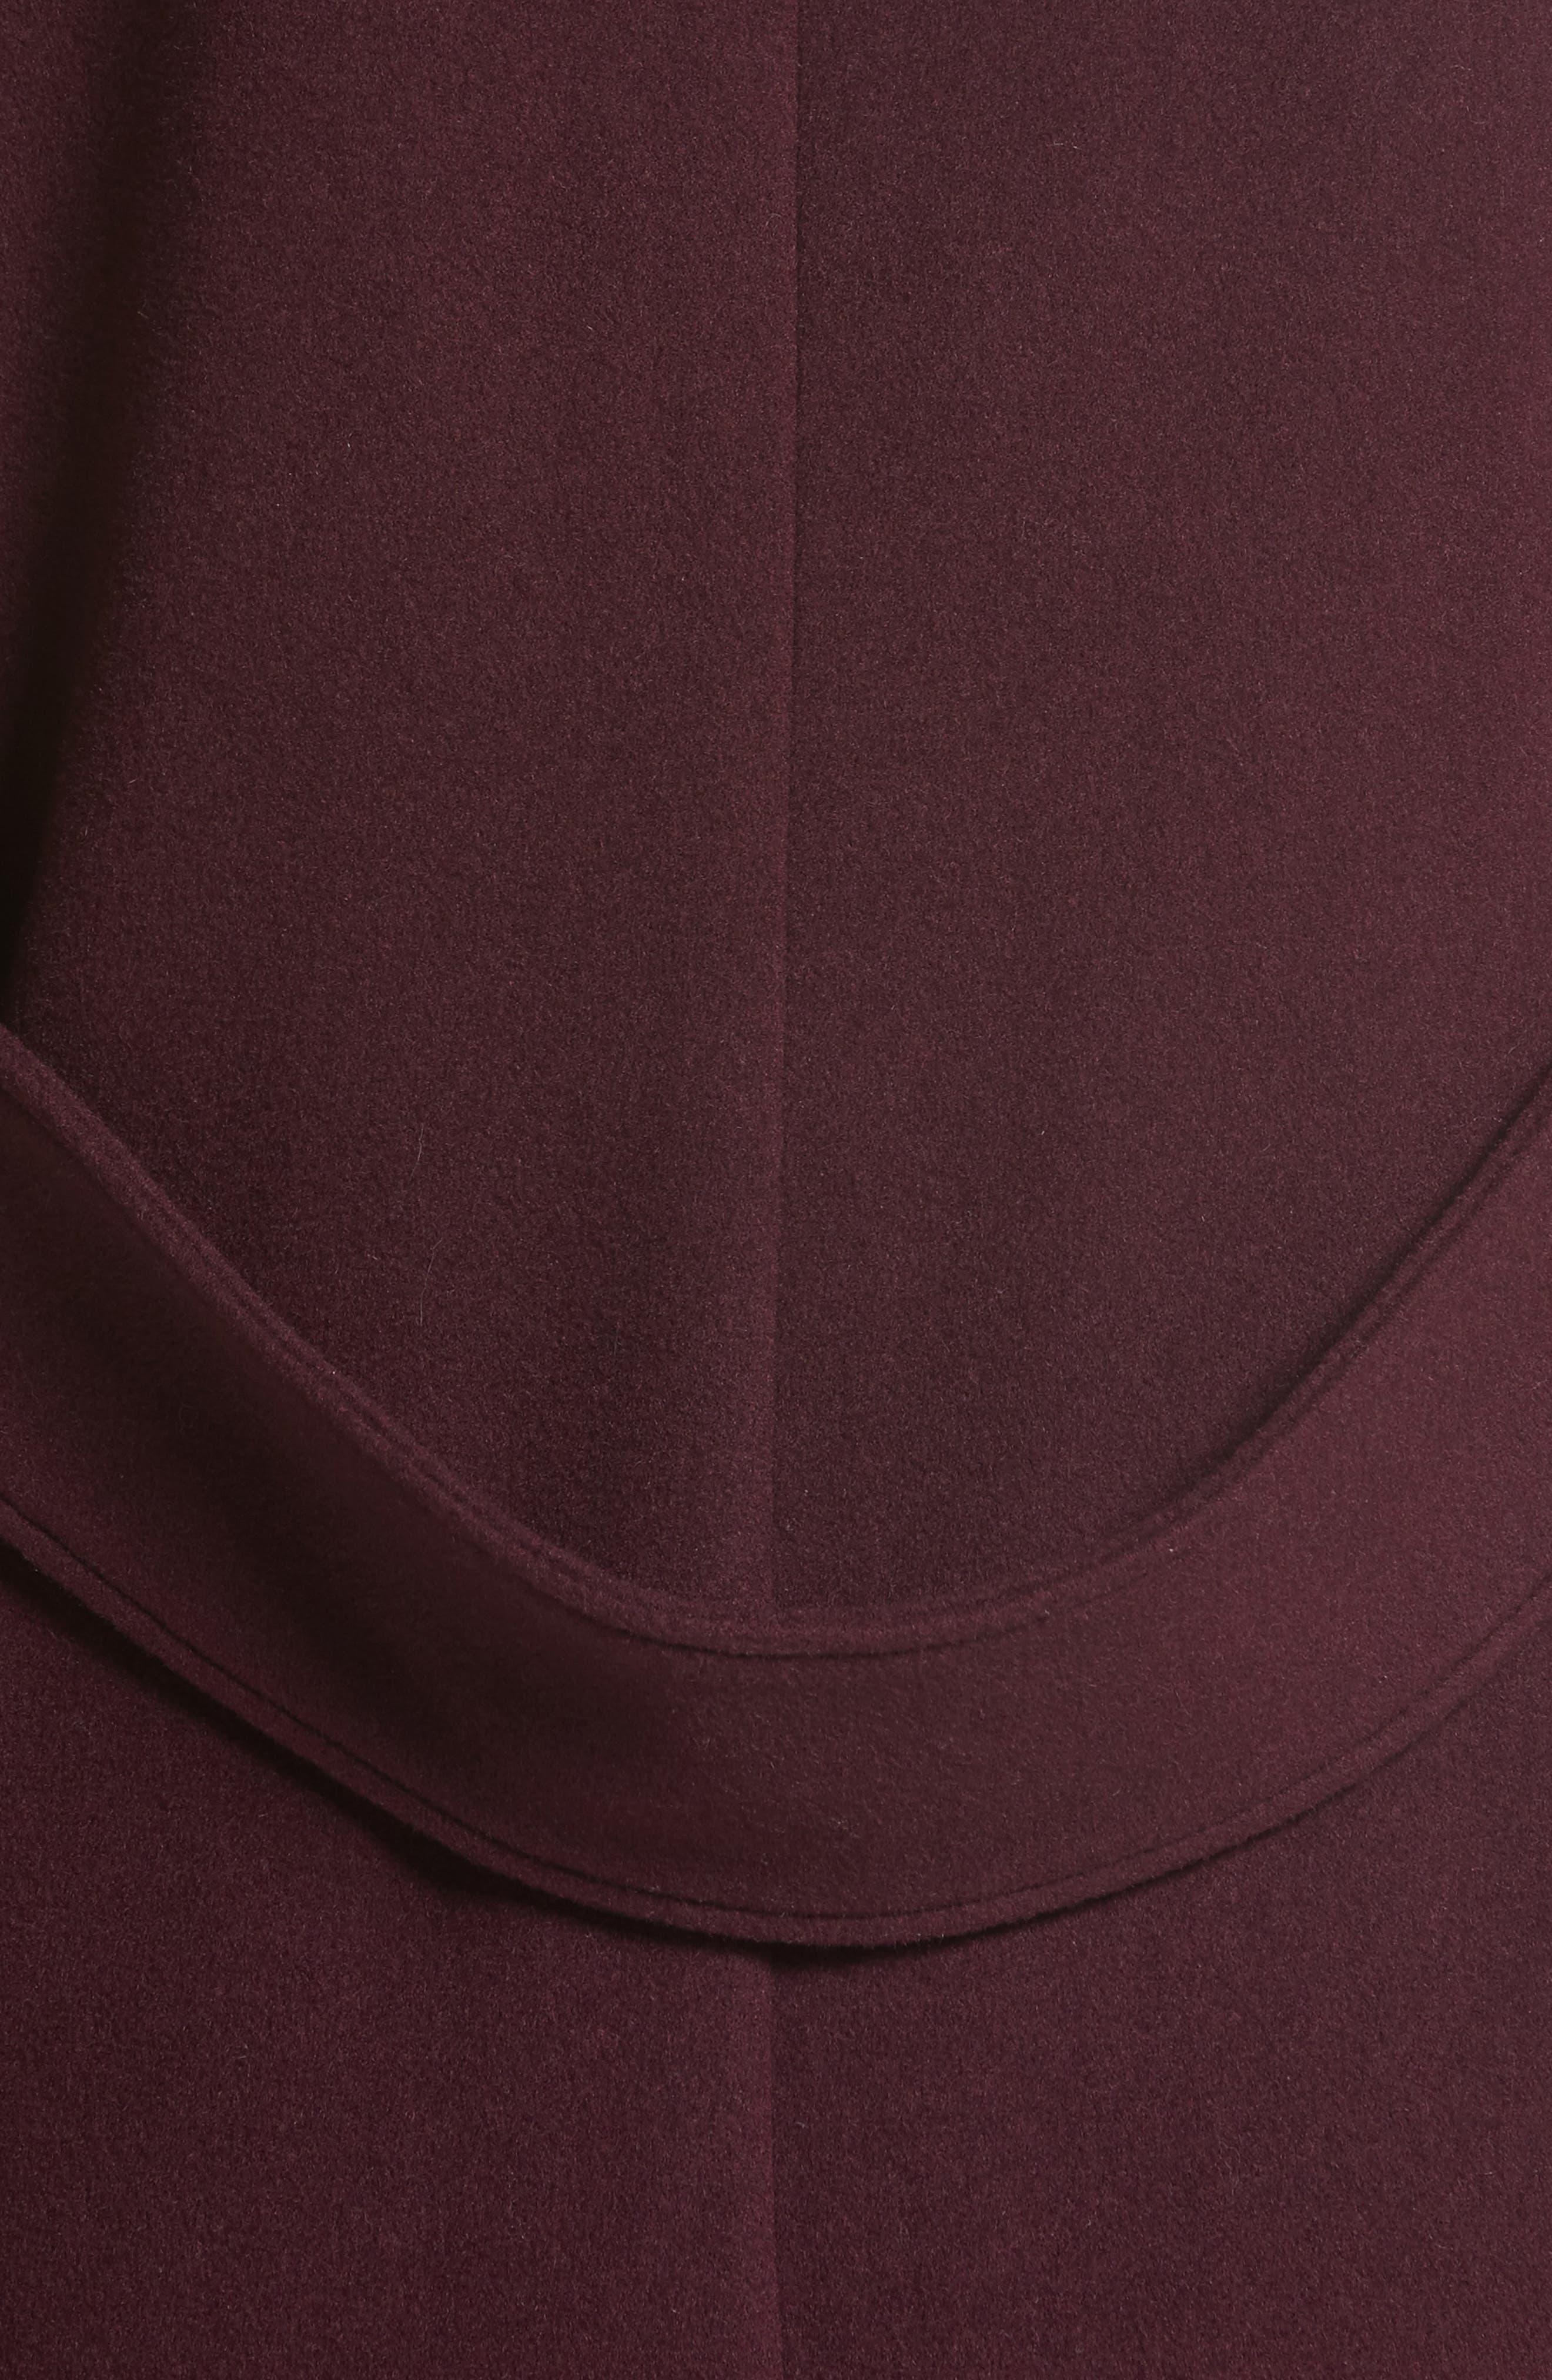 Cairndale Knit Trim Cashmere Coat,                             Alternate thumbnail 6, color,                             522